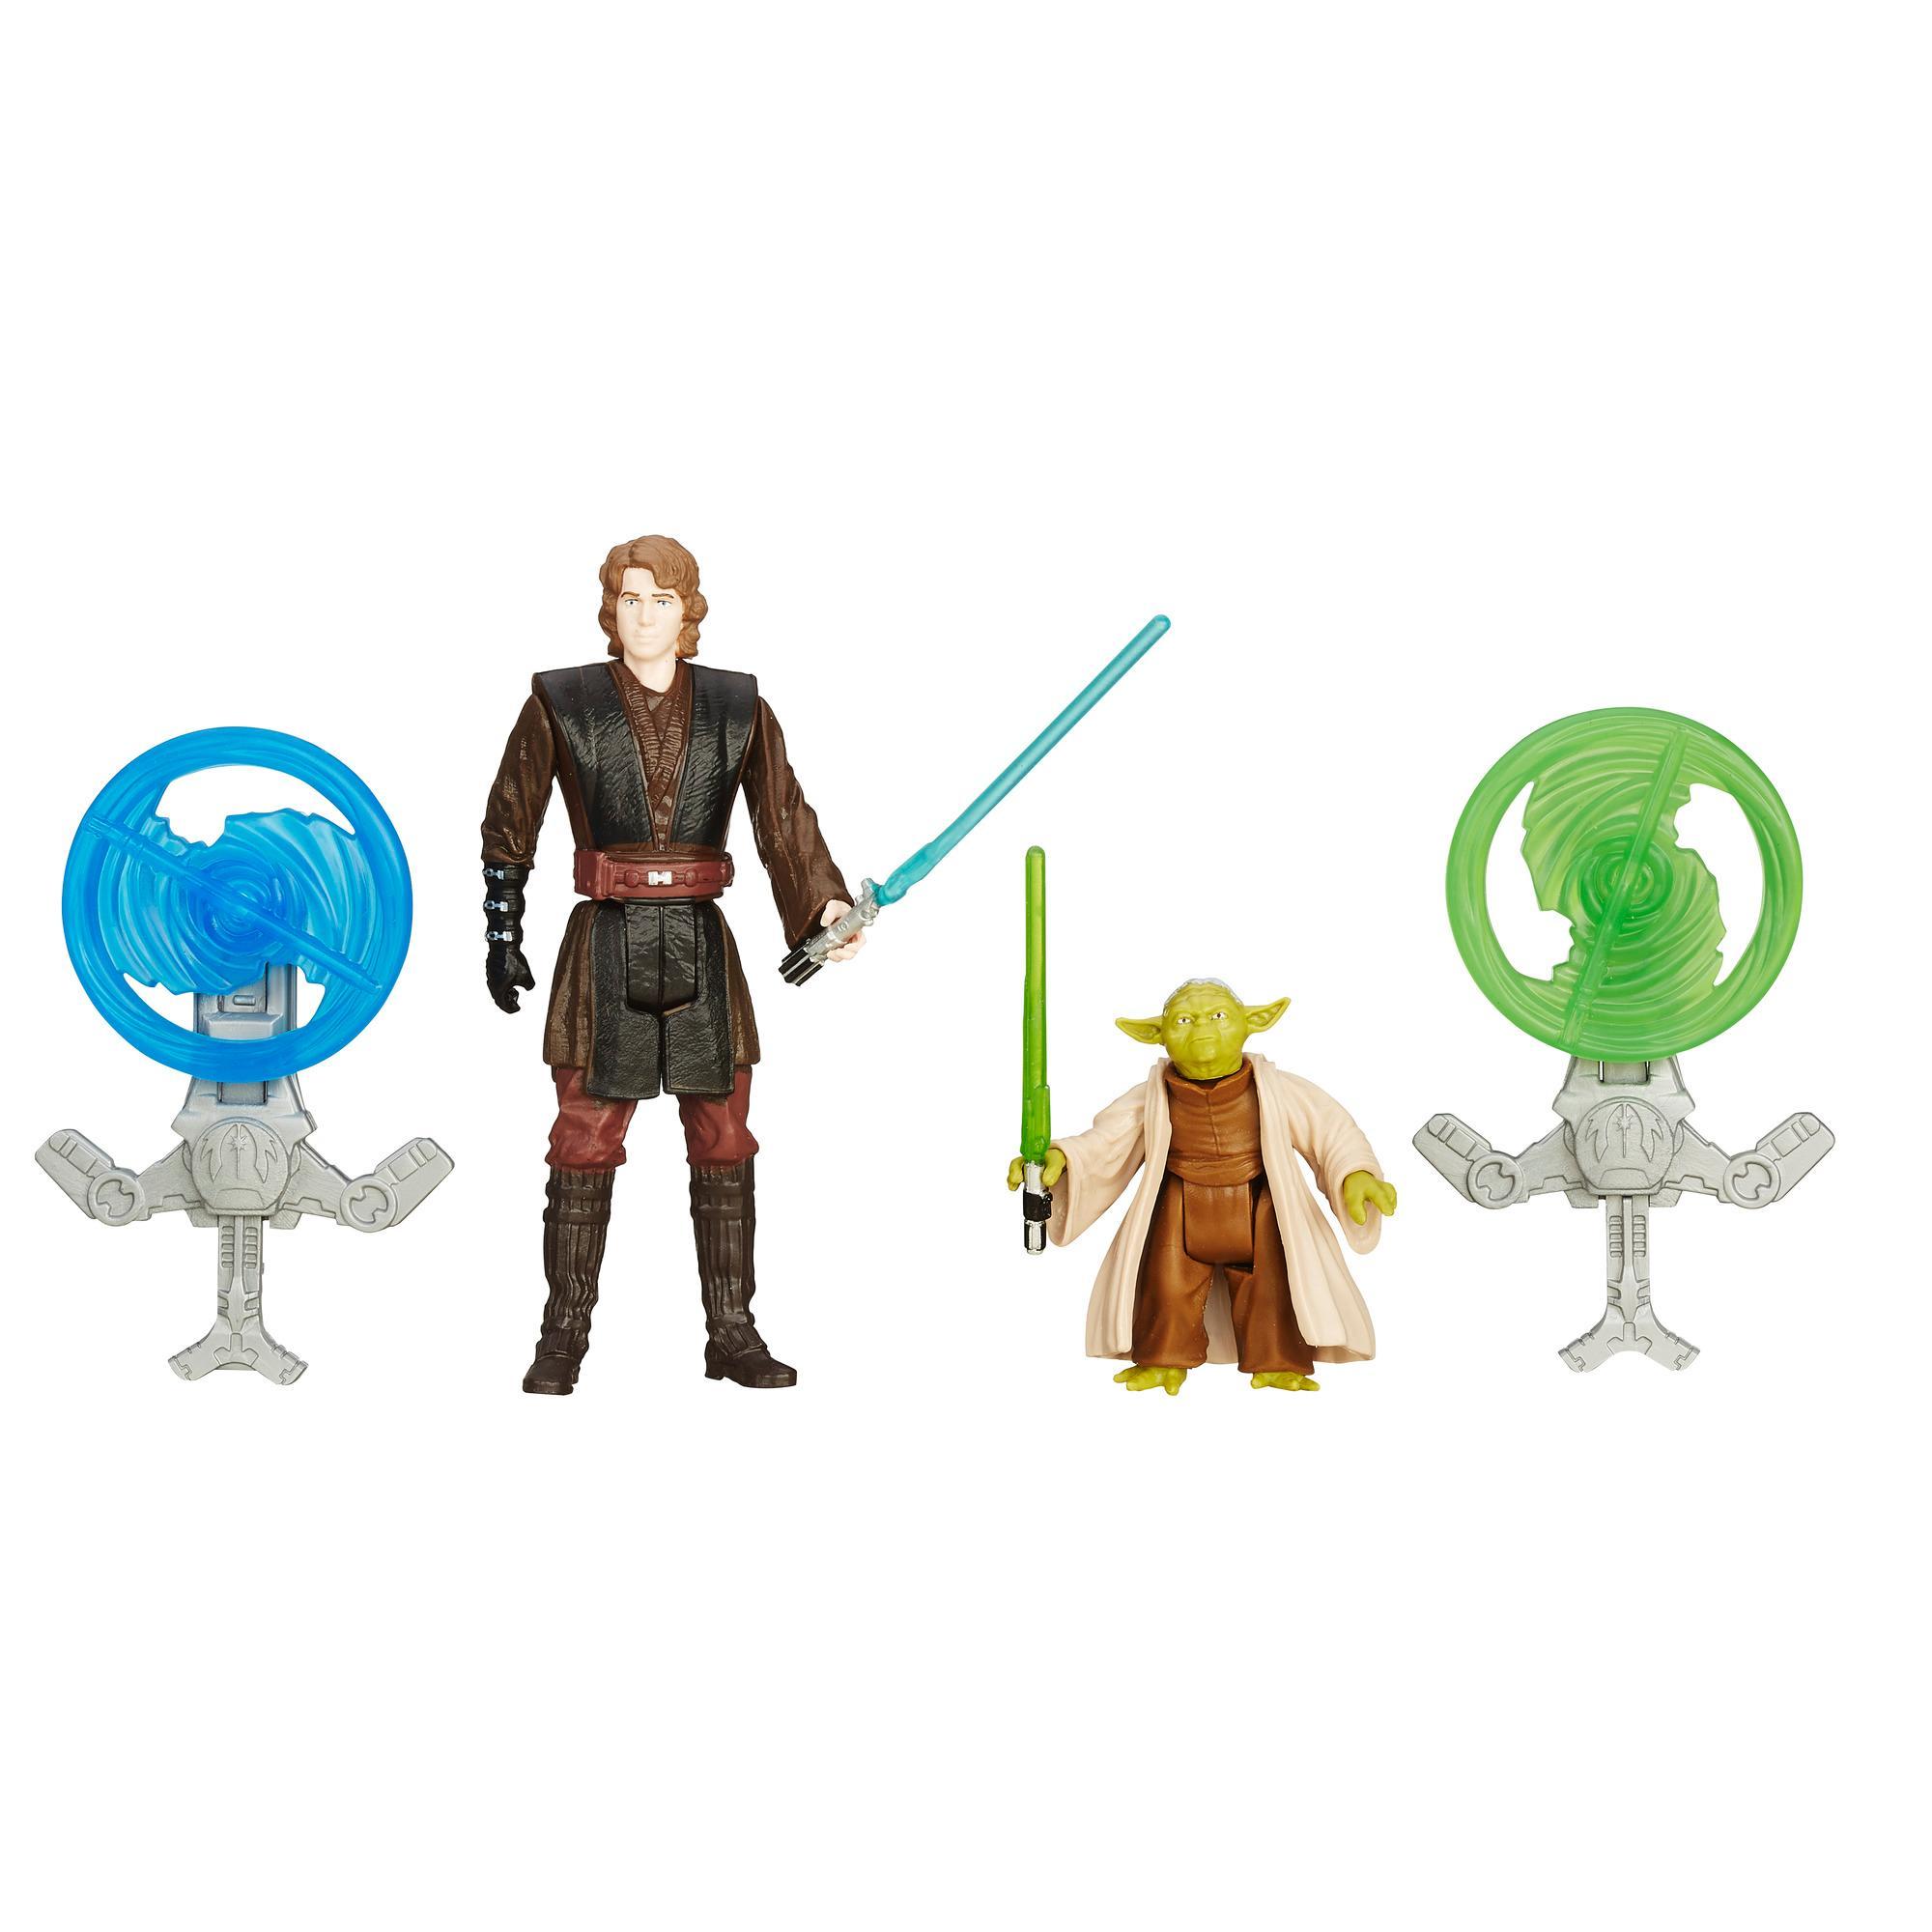 Star Wars A Vingança dos Sith - Kit Missão na Floresta com 2-Figuras de 9,5 cm: Anakin Skywalker e Yoda